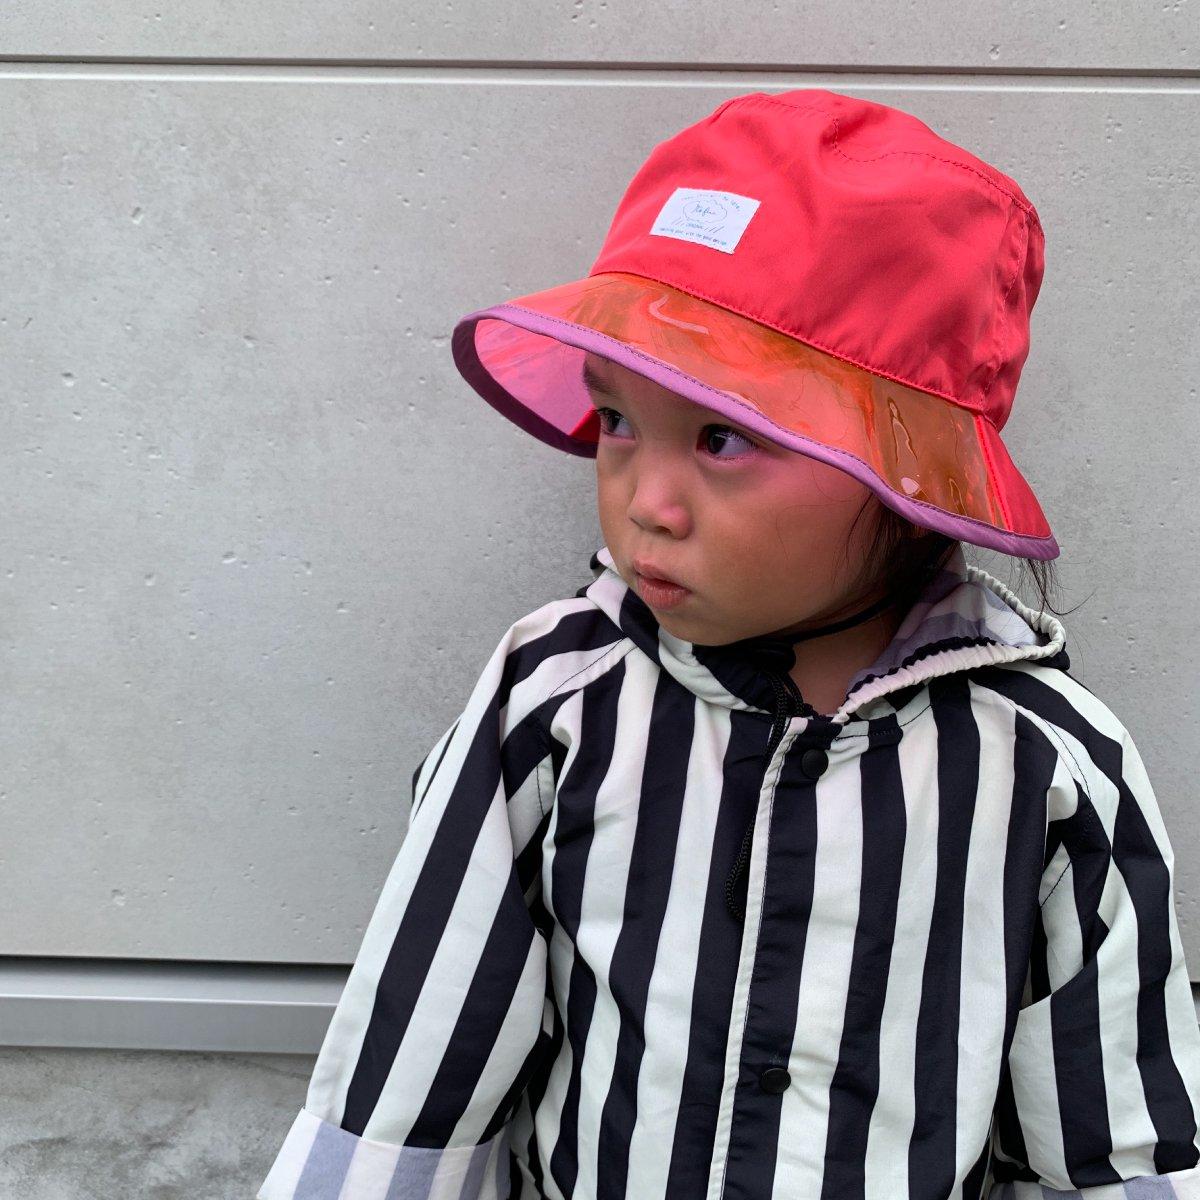 【KIDS】Rain PVC Hat 詳細画像17